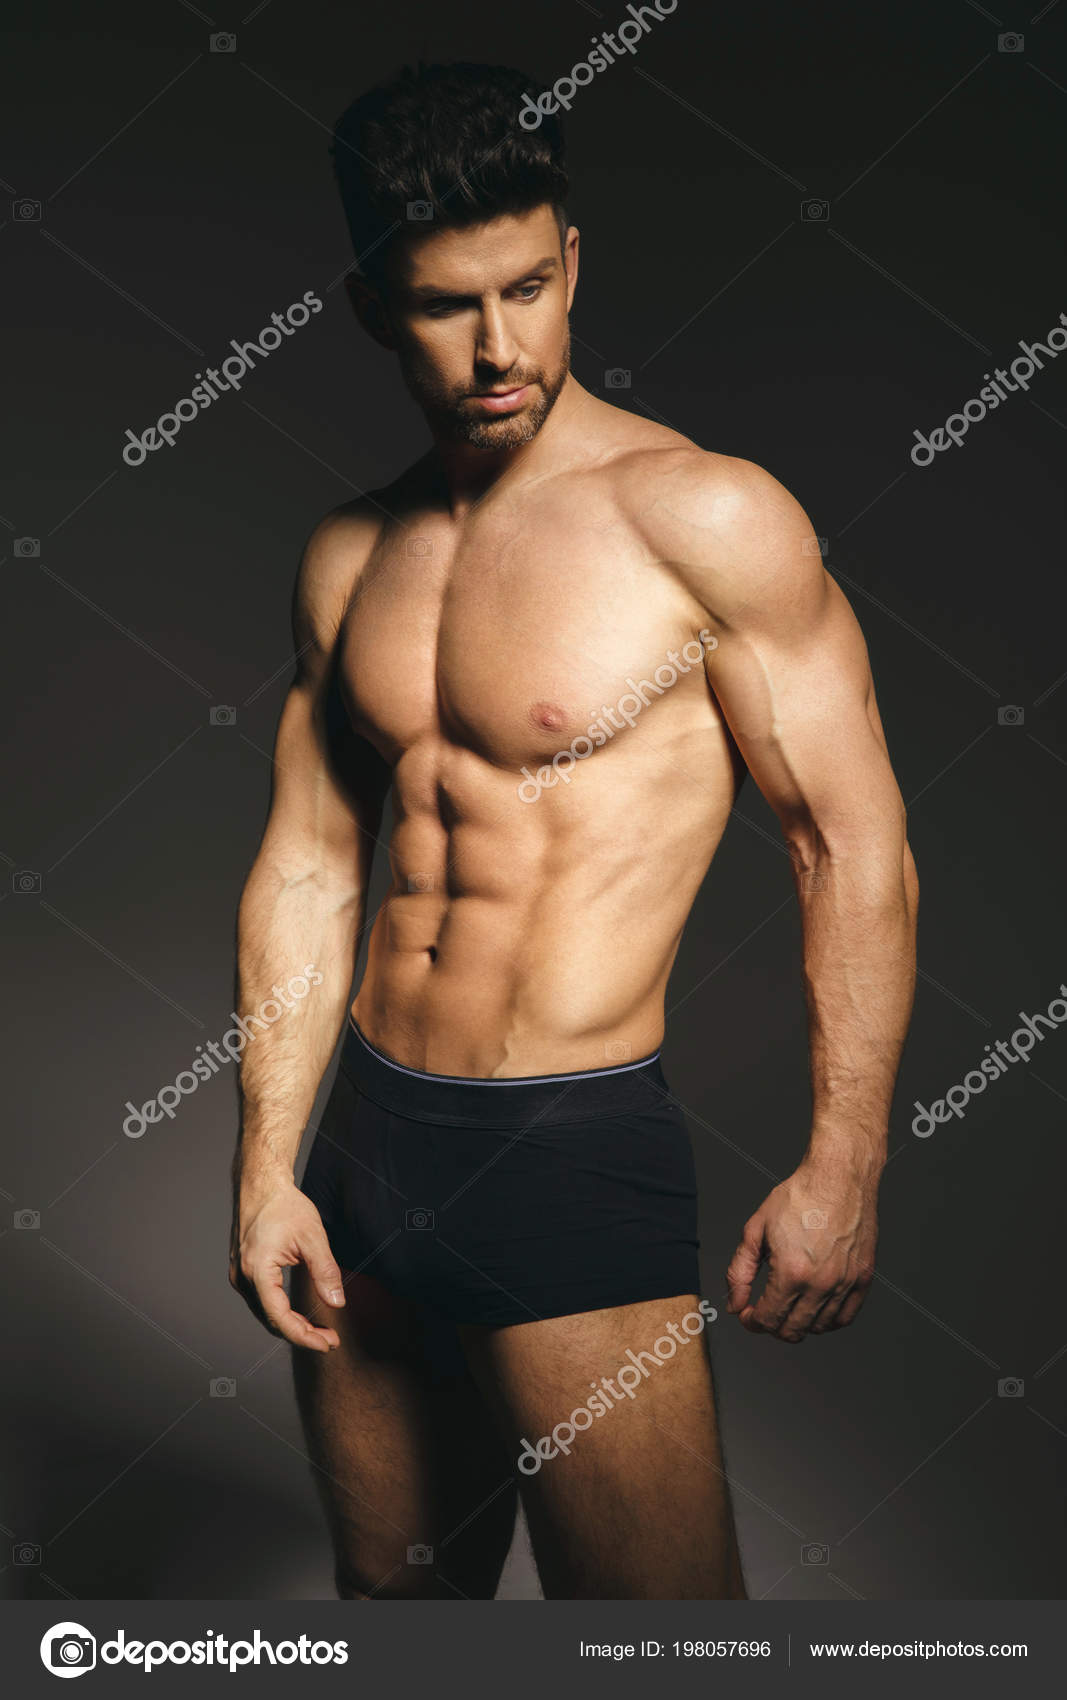 Fotos chicos sin boxer hombre modelo ropa interior sexy sobre fondo gris foto de stock - Ropa interior sesy ...